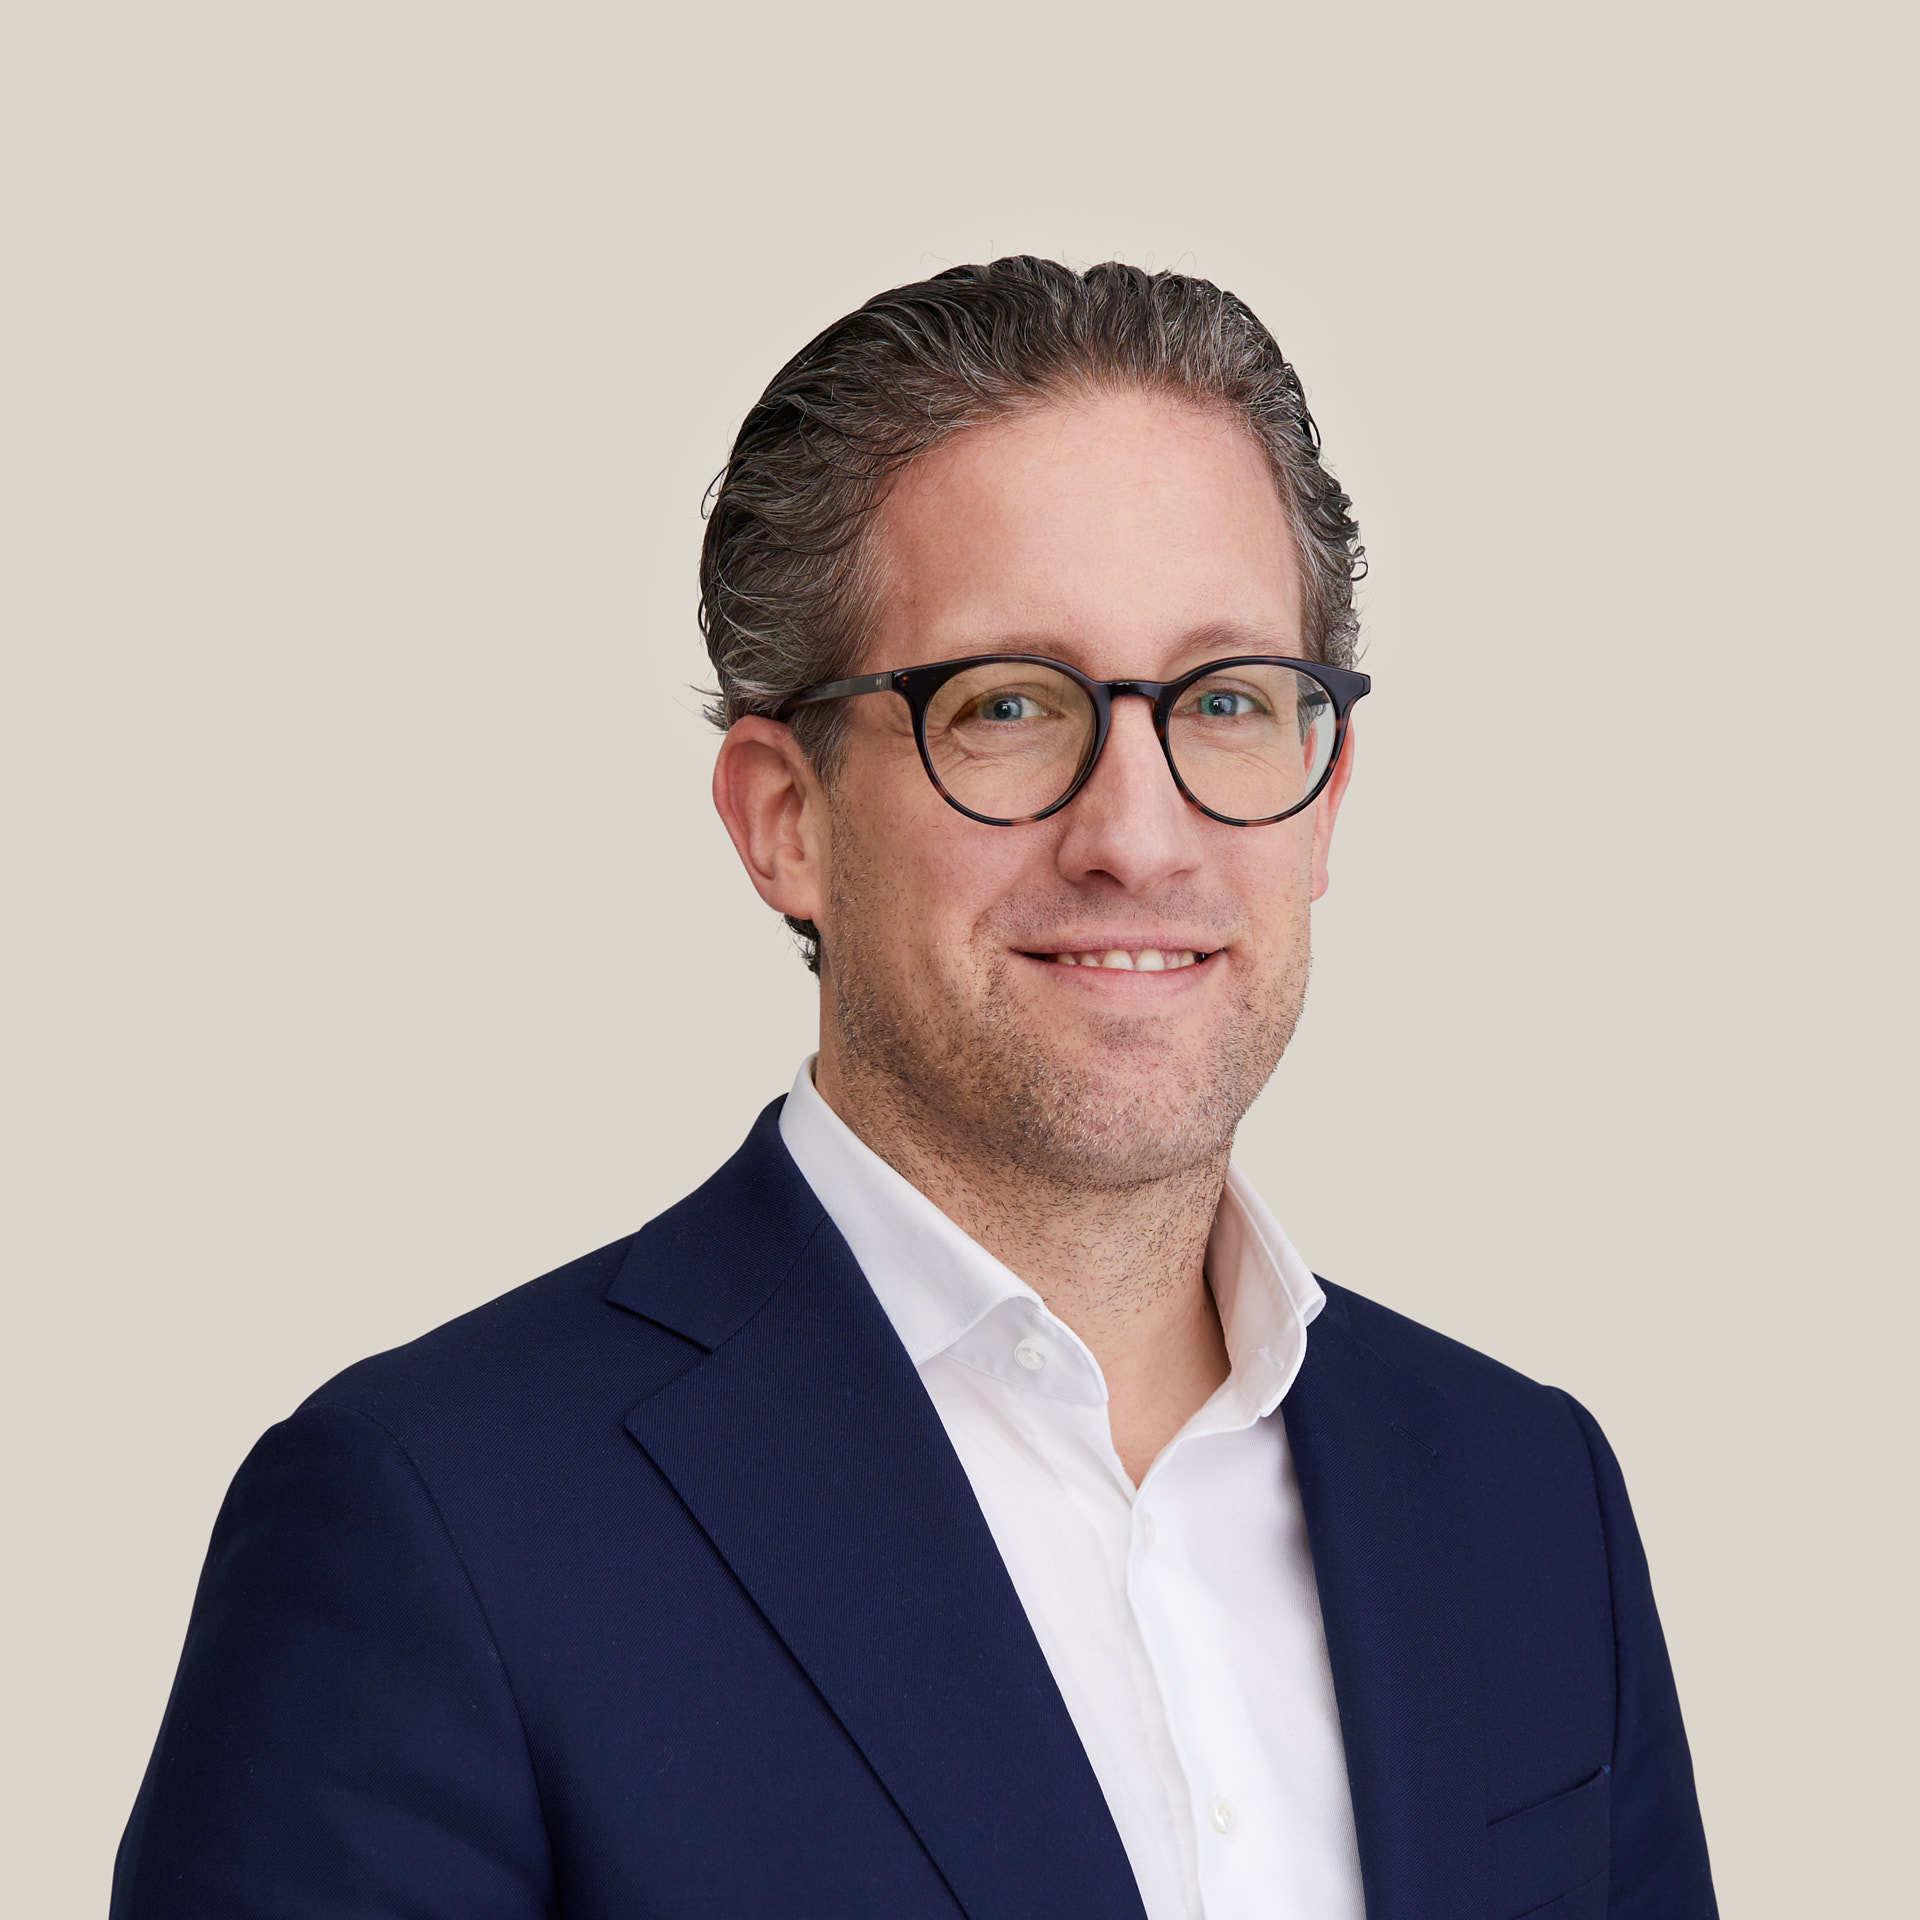 Henk vanravenhorst